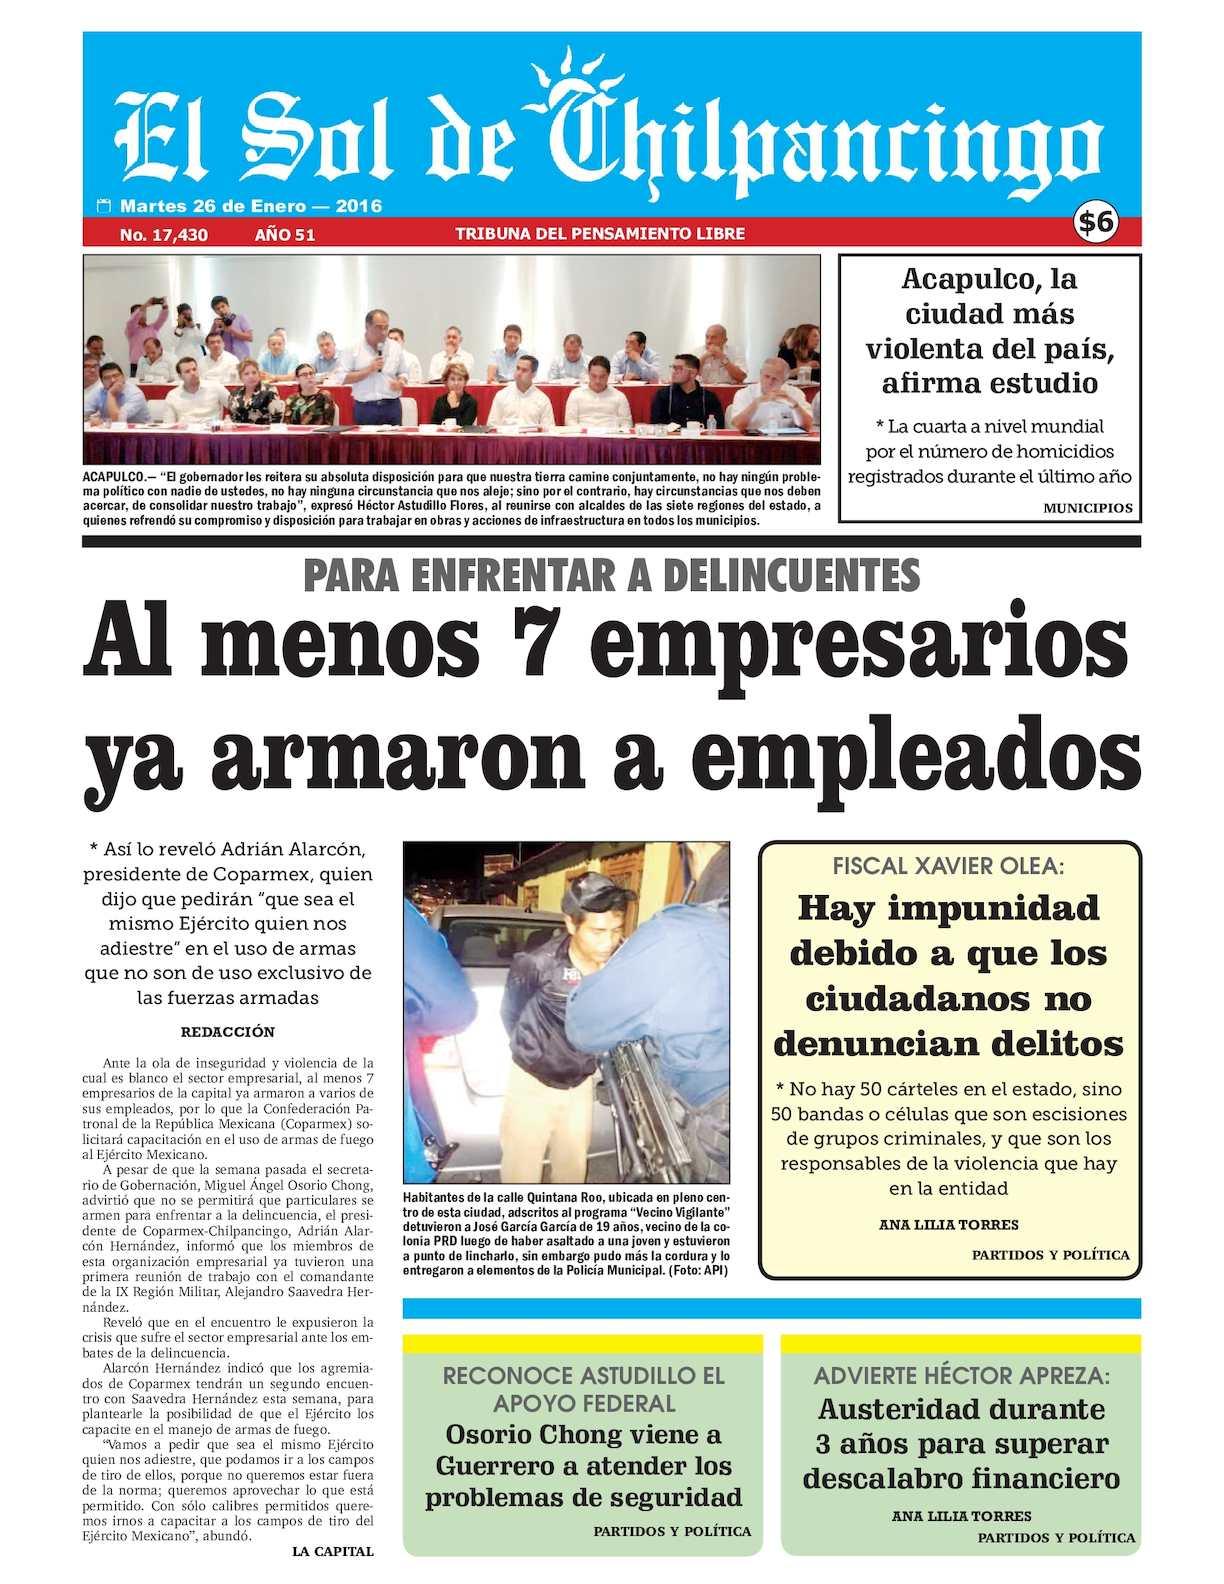 Calaméo - El Sol De Chilpancingo - 26 Enero 2016